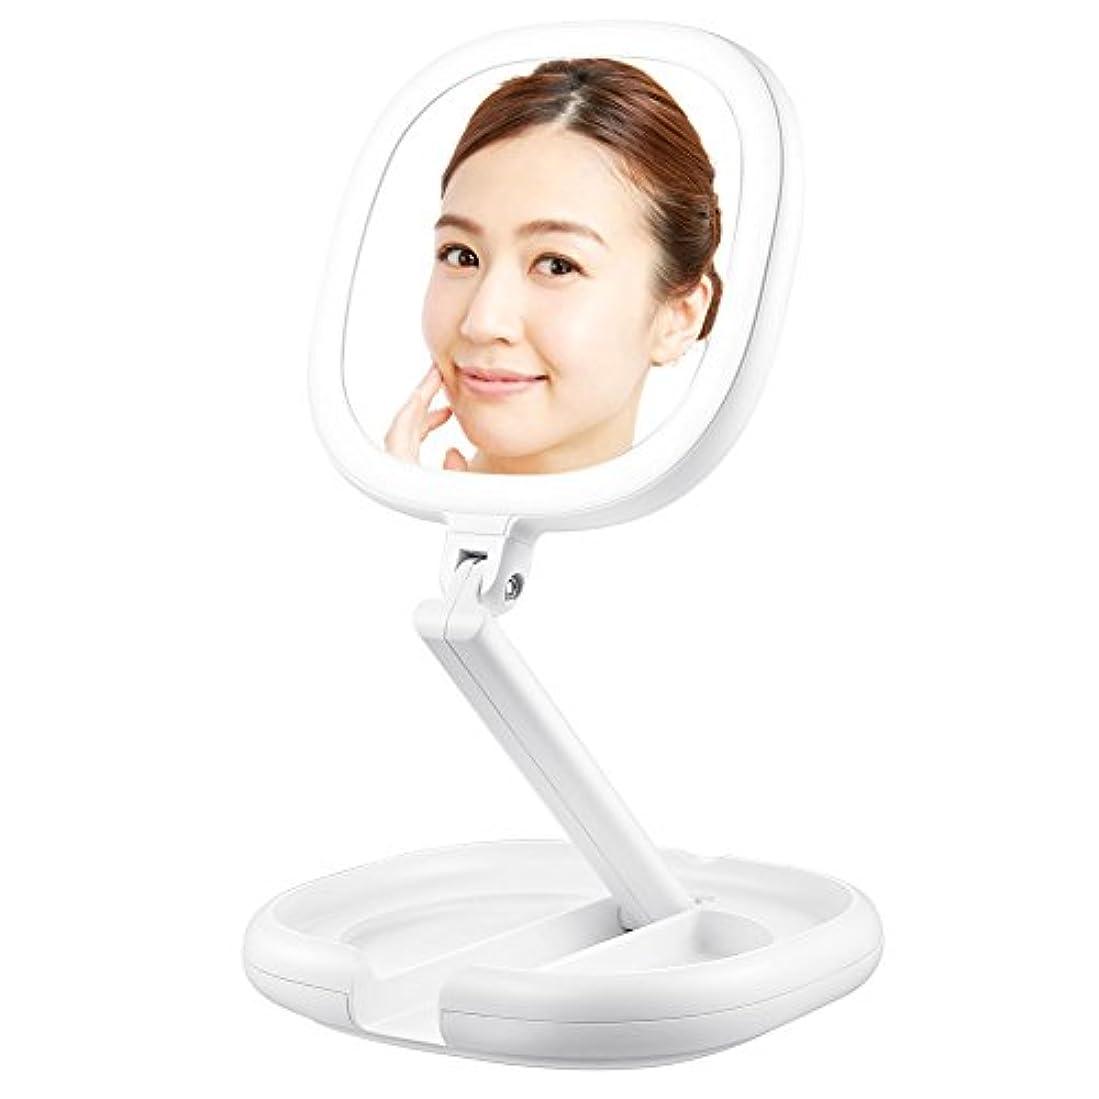 ピーク優れました超えるLavany 拡大鏡 化粧鏡 両面鏡 ledライト付きミラー 卓上鏡 BM-1716